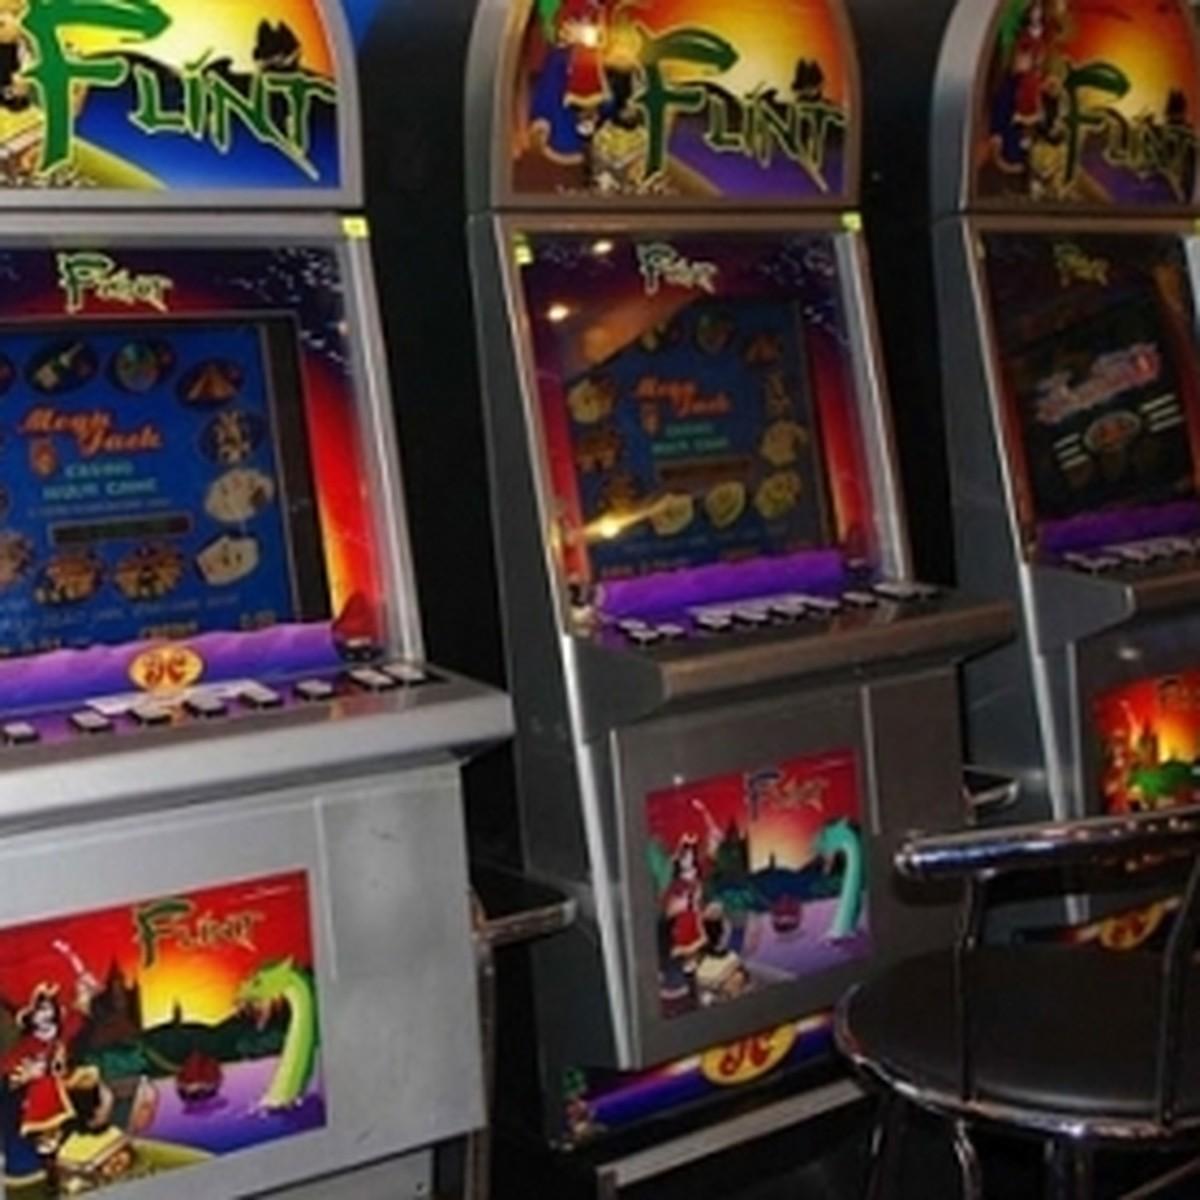 Игровые автоматы в орле адреса спец серия где в карты играли